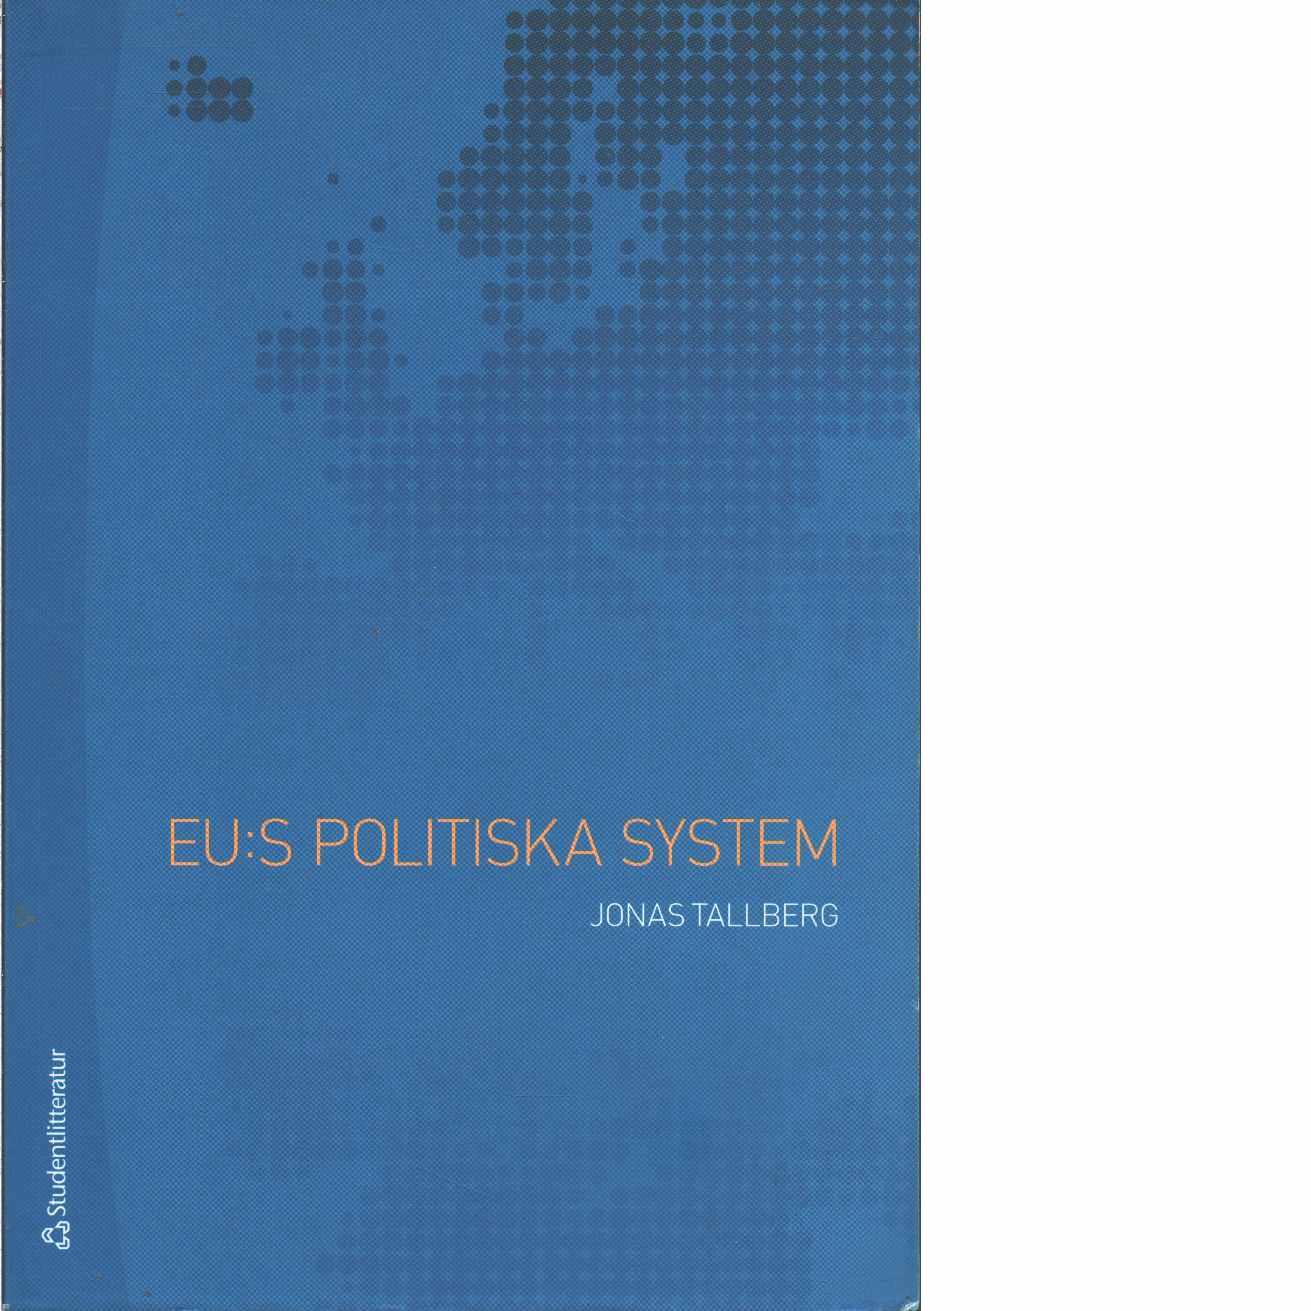 EU:s politiska system - Tallberg, Jonas